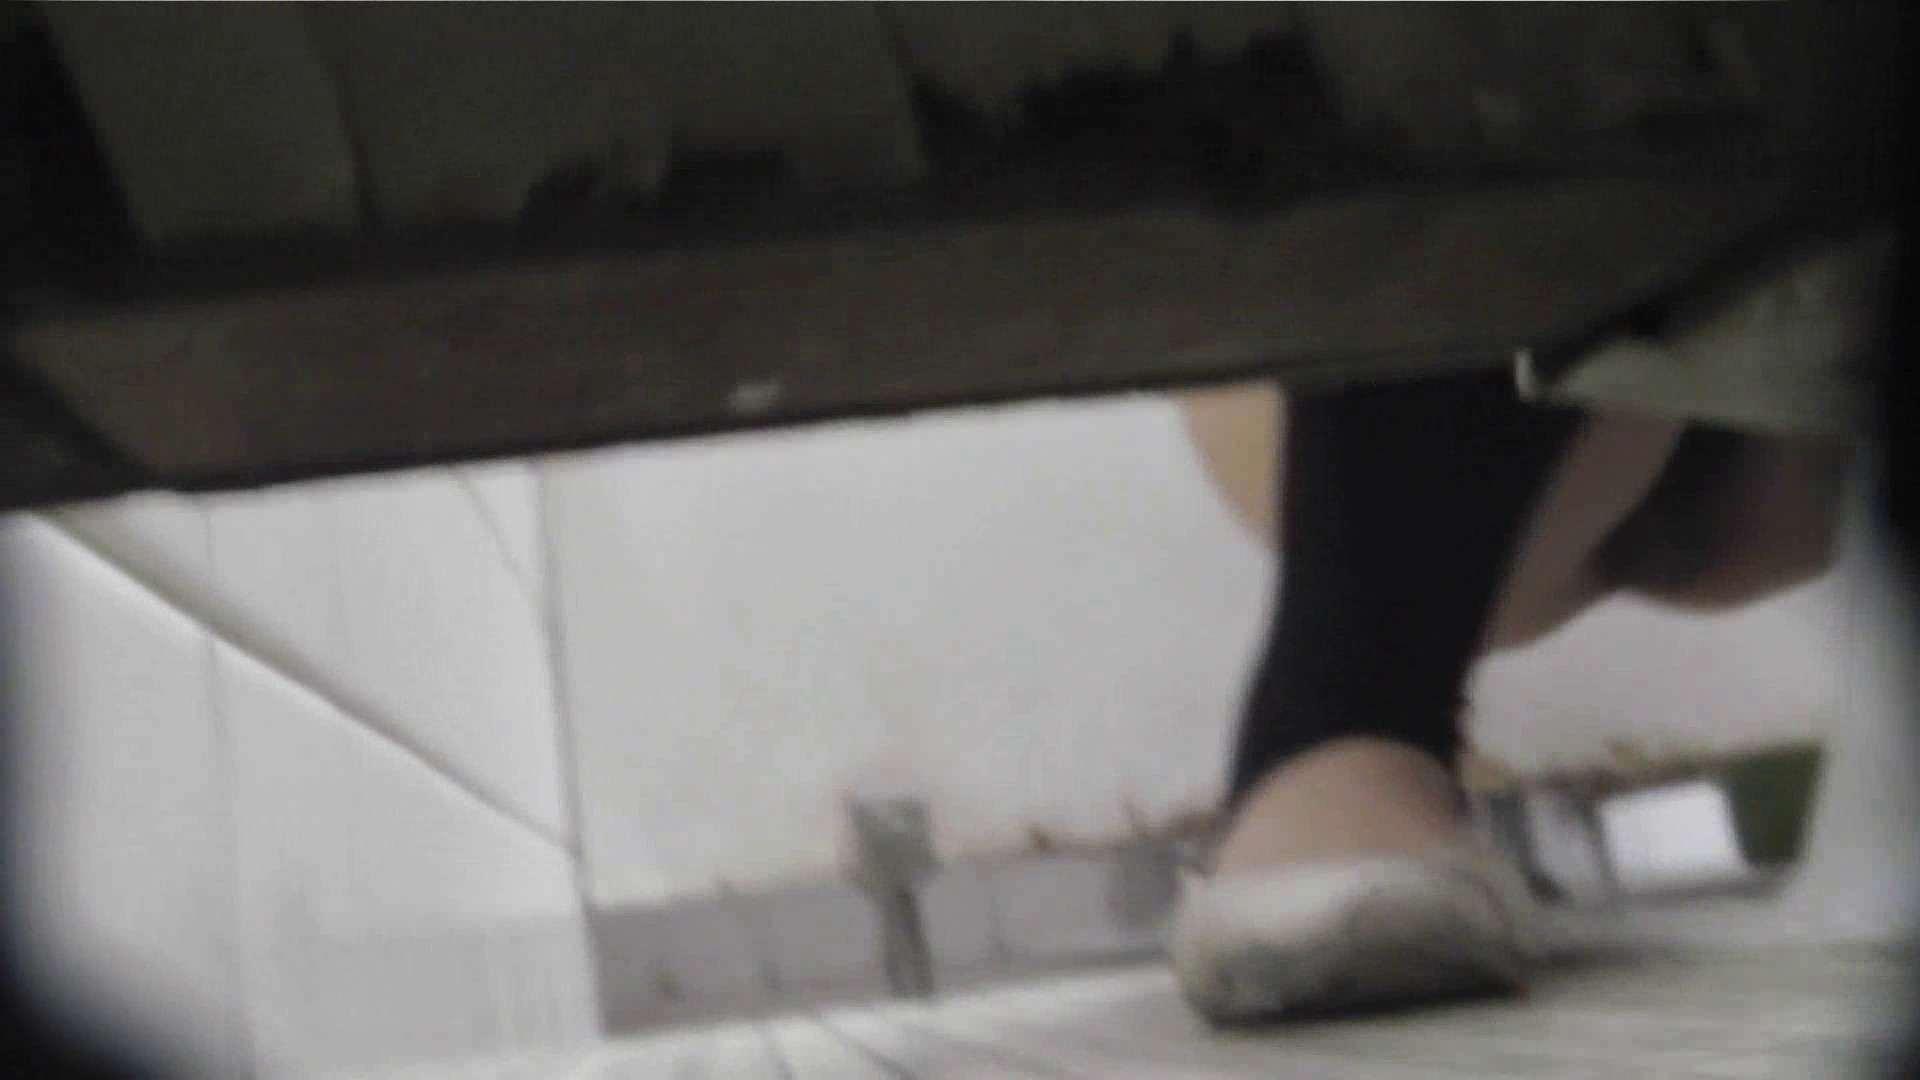 vol.62 命がけ潜伏洗面所! クパ~しながら放水してみた 高画質 アダルト動画キャプチャ 66画像 33